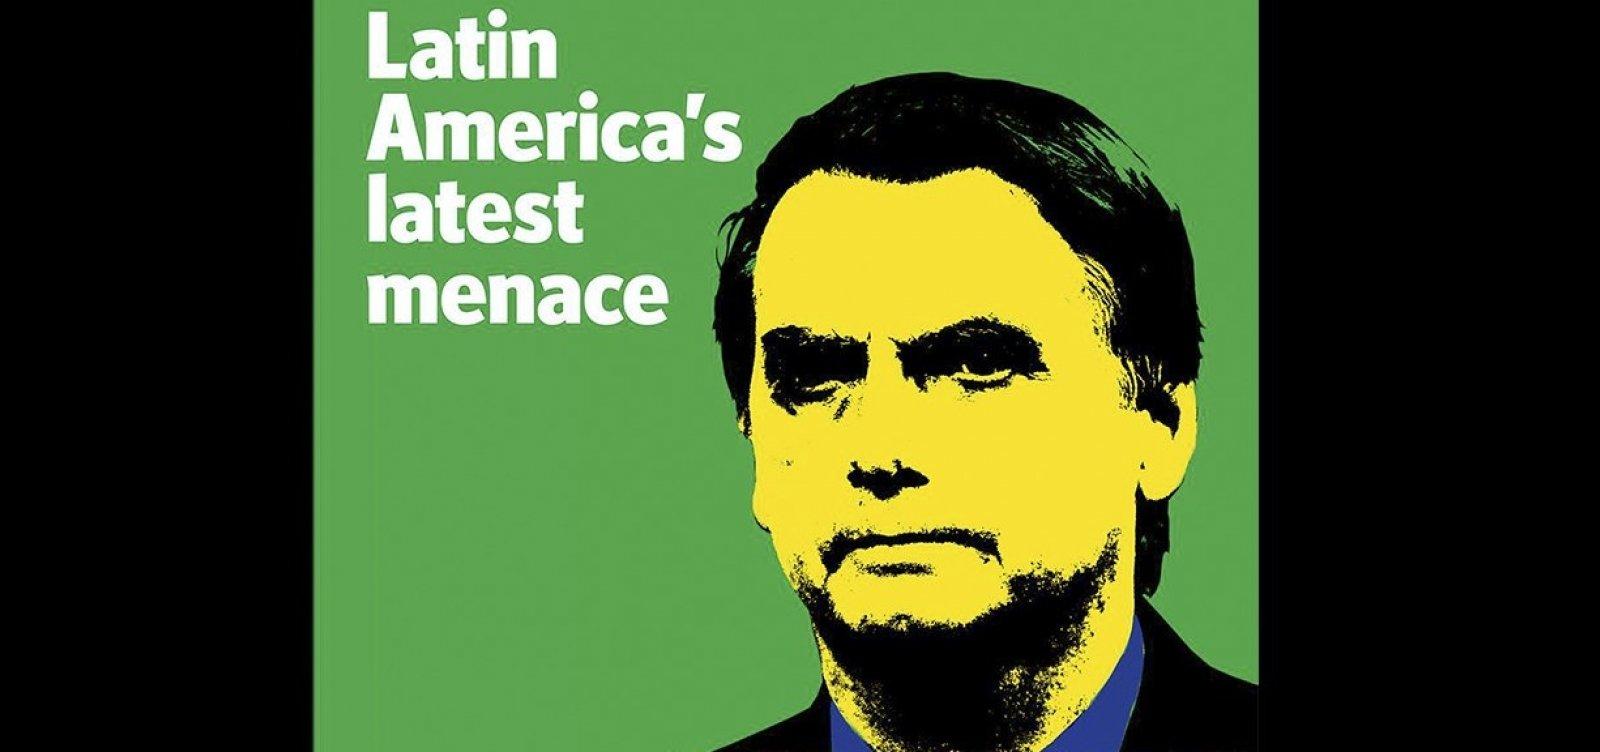 Bolsonaro é a 'mais recente ameaça na América Latina', diz The Economist